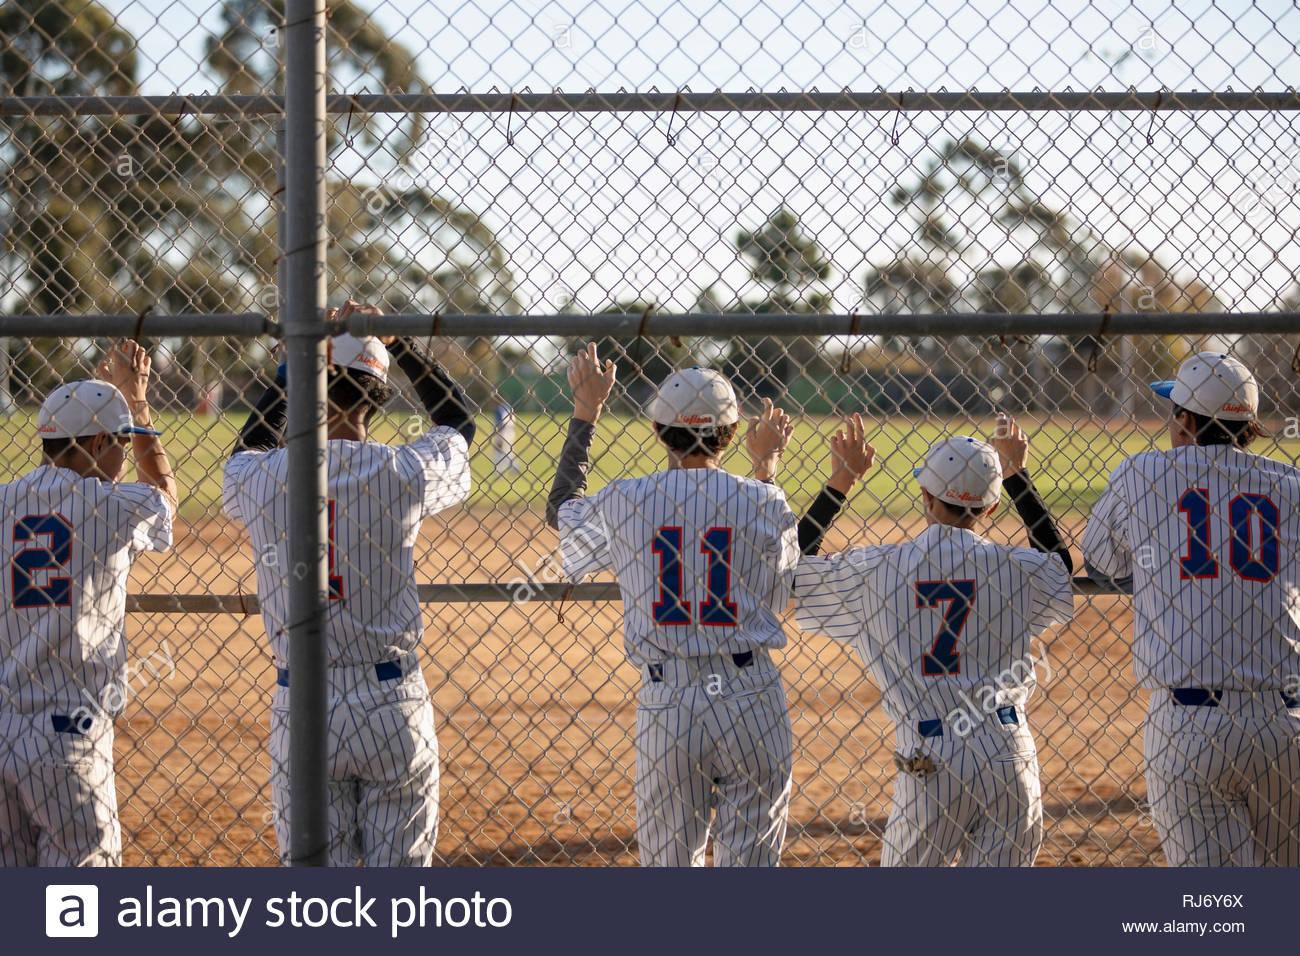 Equipo de béisbol viendo juego detrás de valla Imagen De Stock